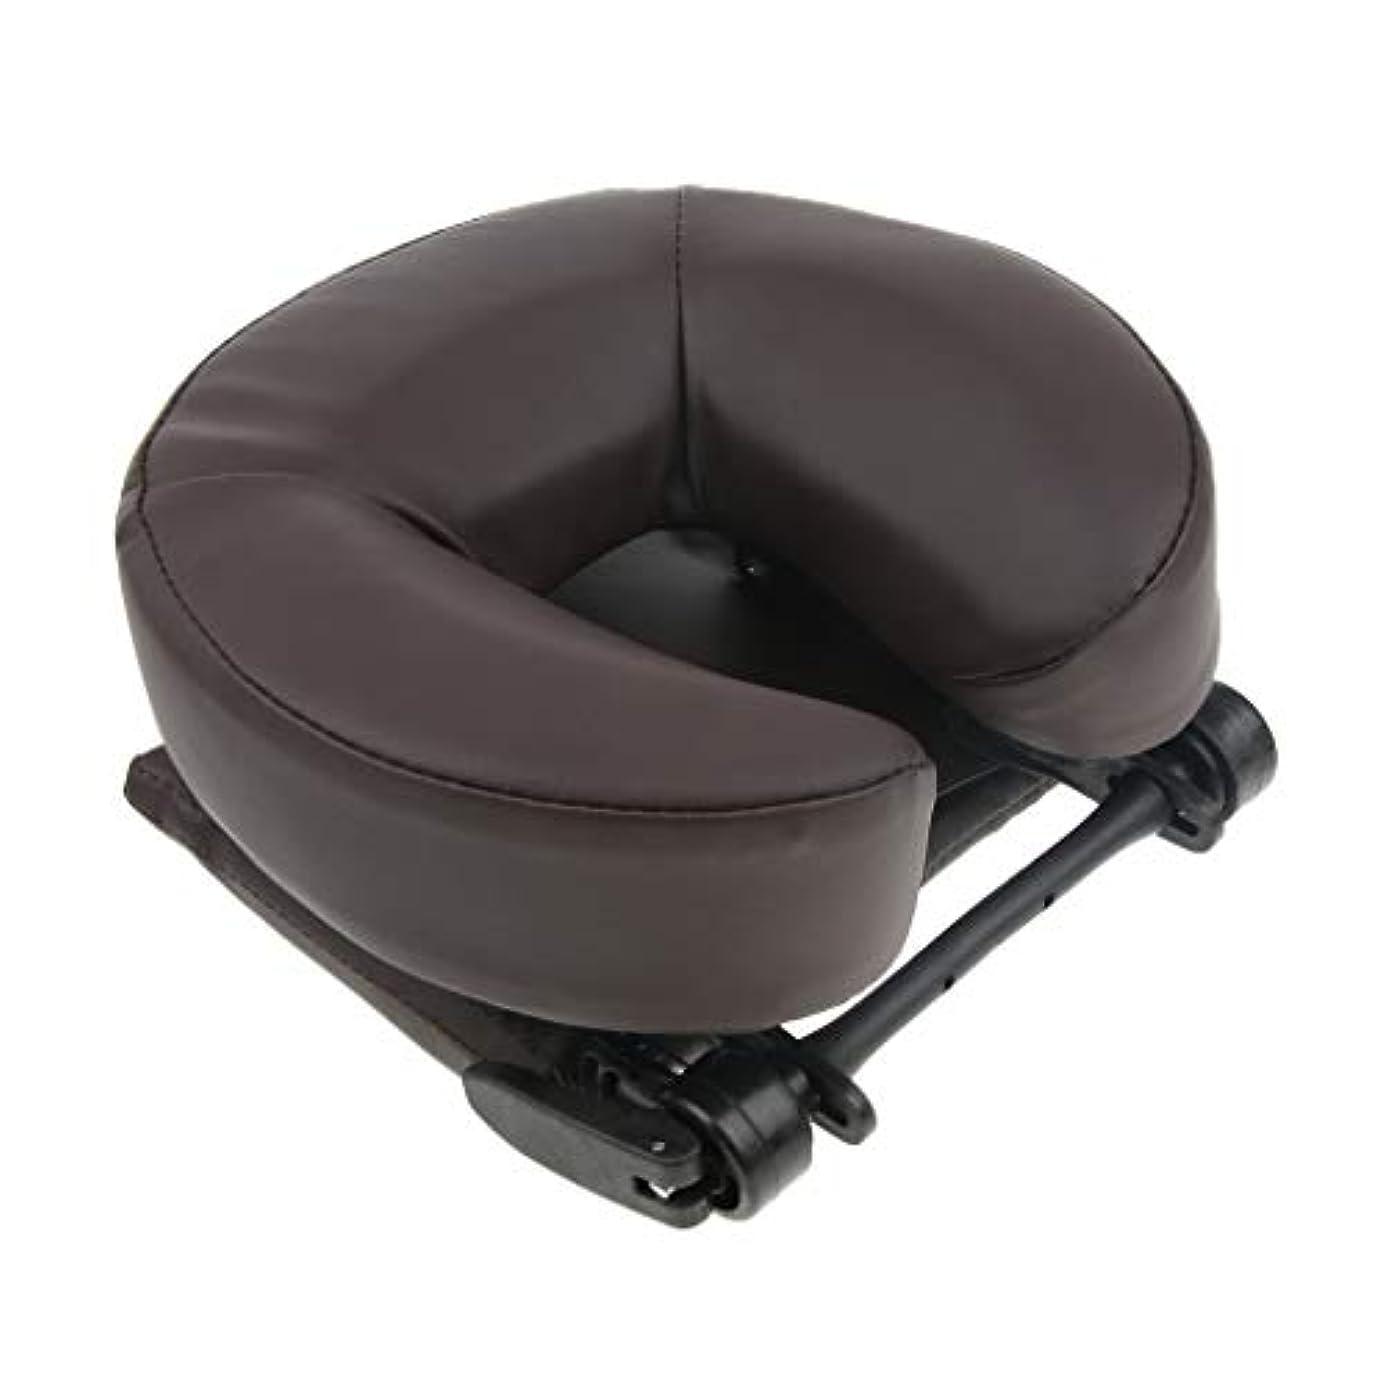 提供されたマニアック波D DOLITY マッサージ用クッション ネックピロー 携帯枕 首枕 顔枕 寝枕 首枕 洗濯可能なカバー 2色選ぶ - コーヒー